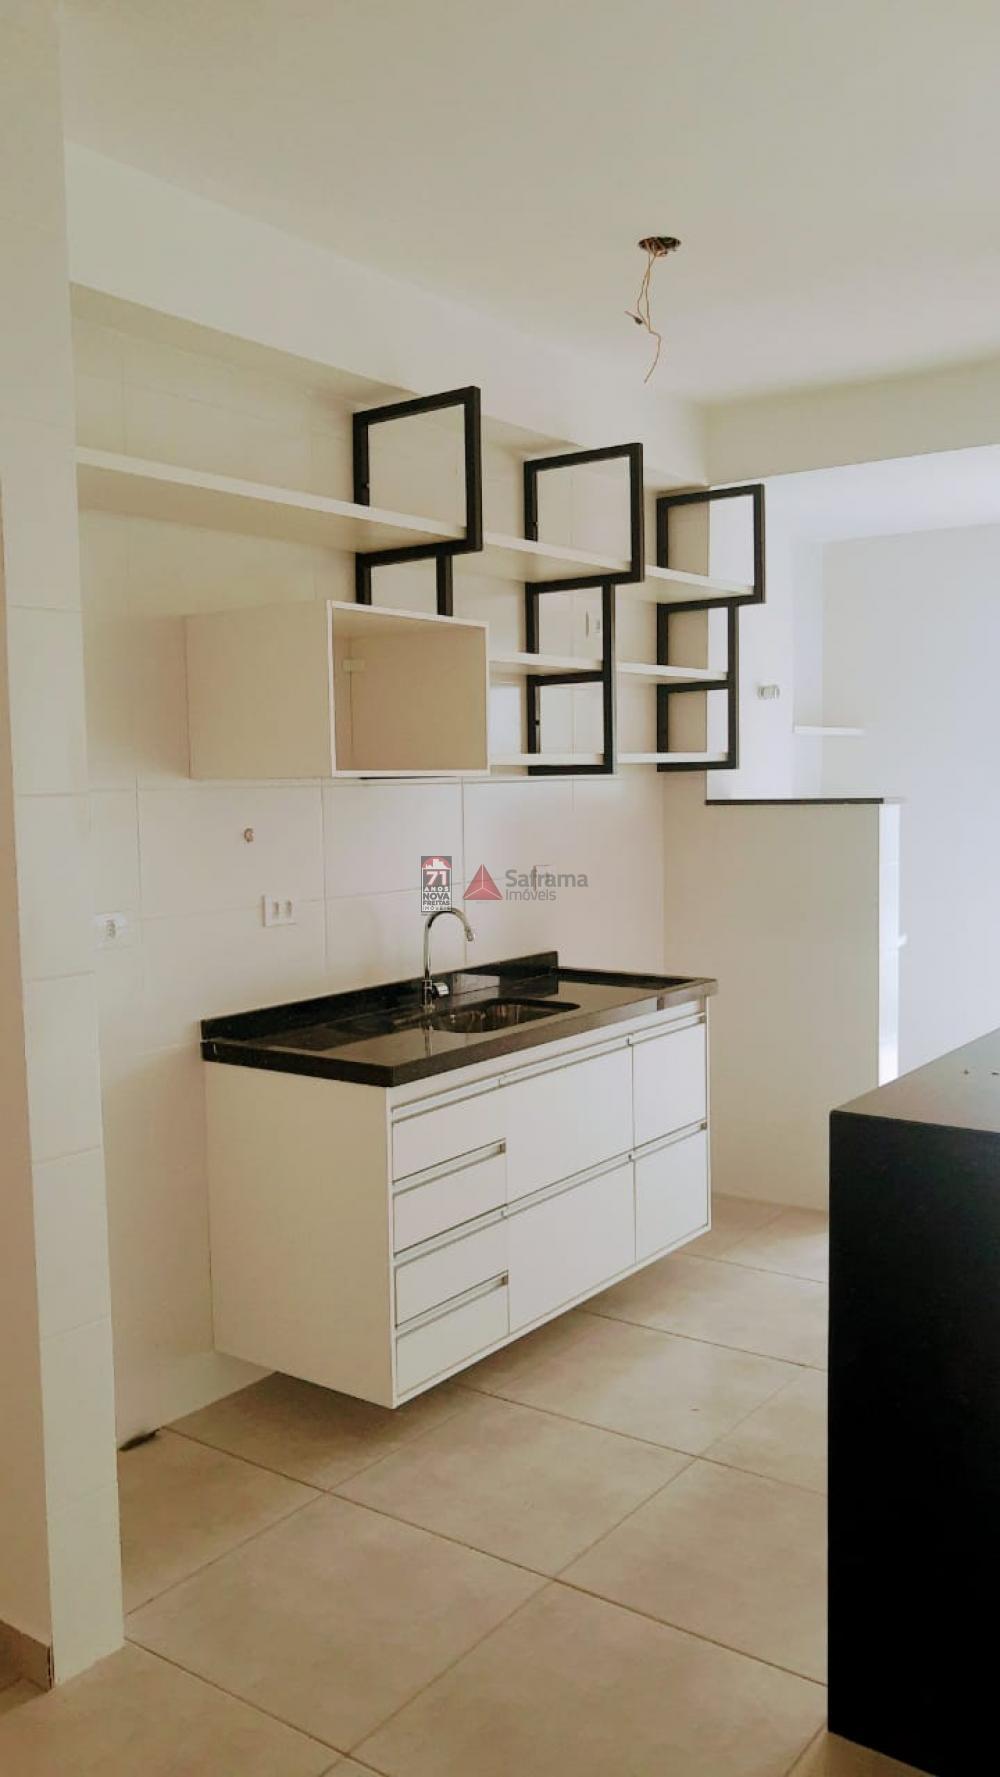 Alugar Apartamento / Padrão em Caraguatatuba R$ 2.200,00 - Foto 6